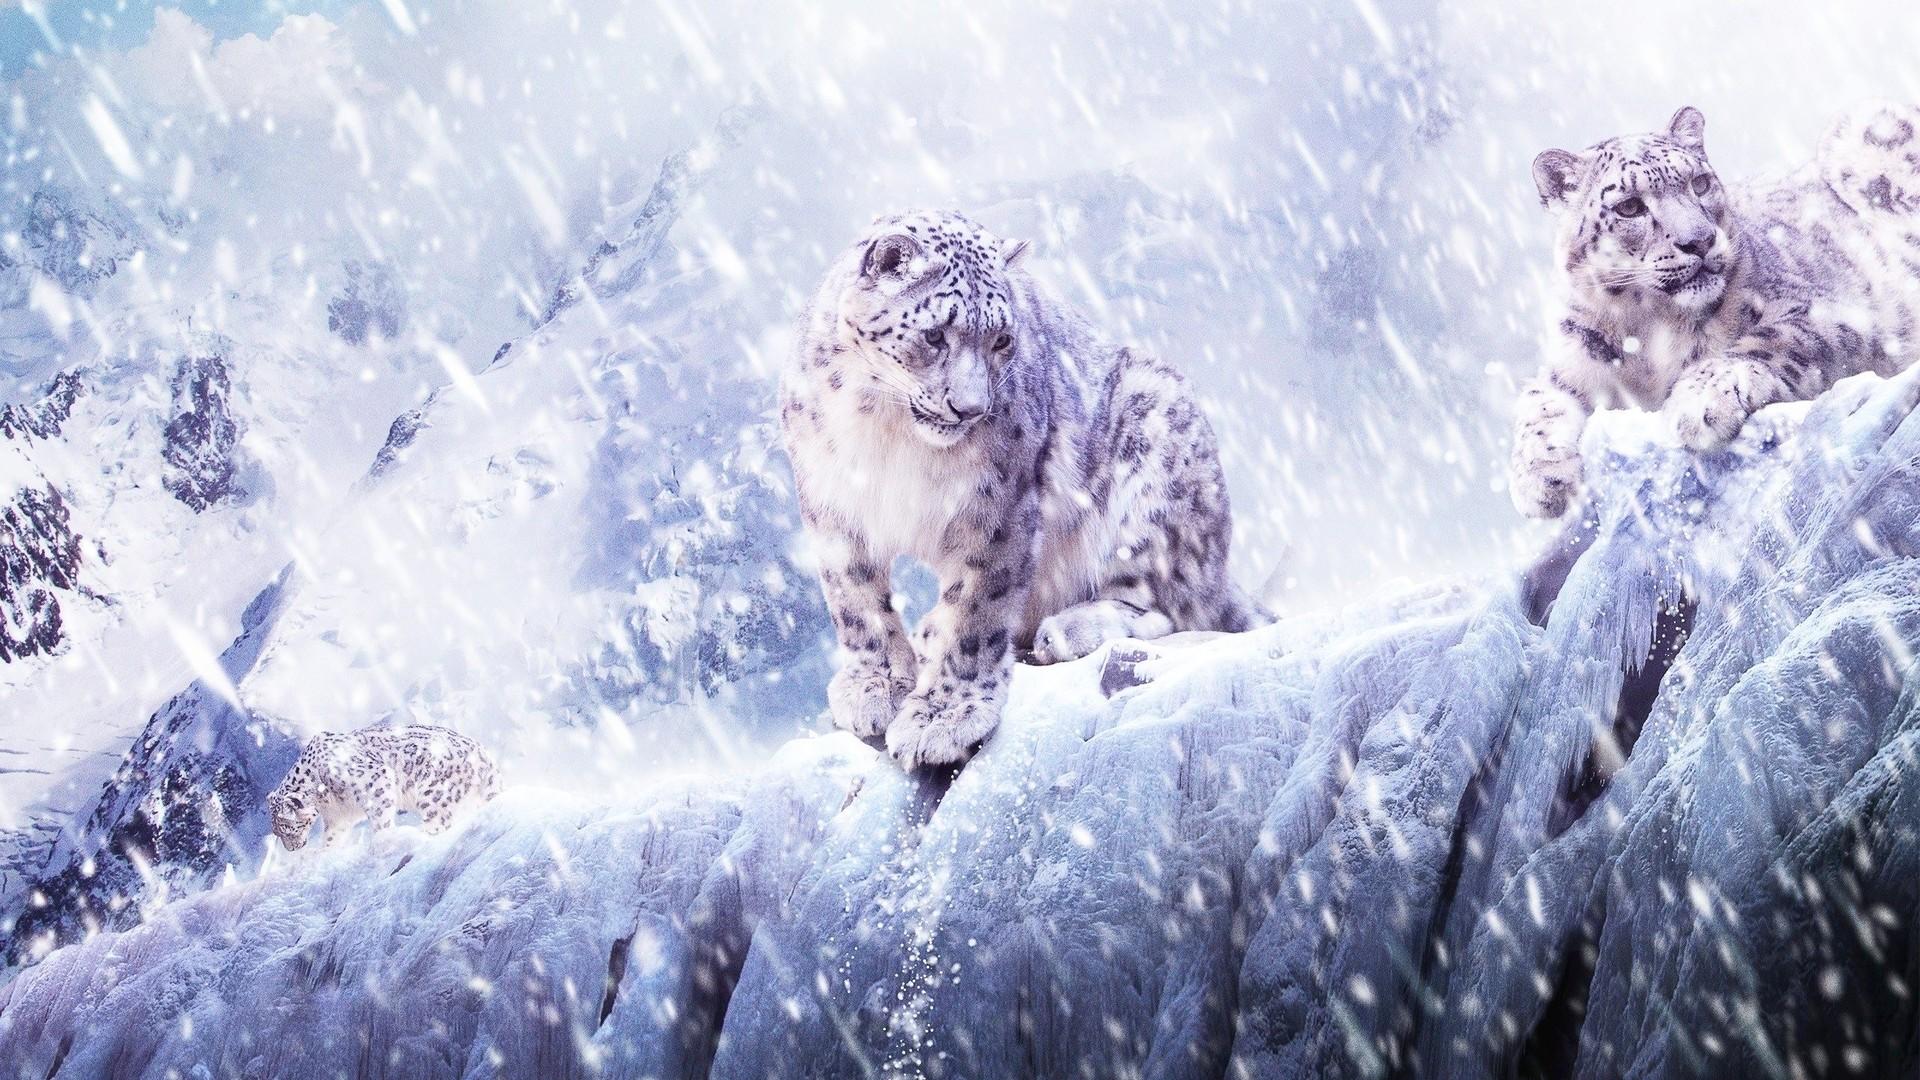 1920x1080px Snow Leopard Wallpaper Hd Wallpapersafari